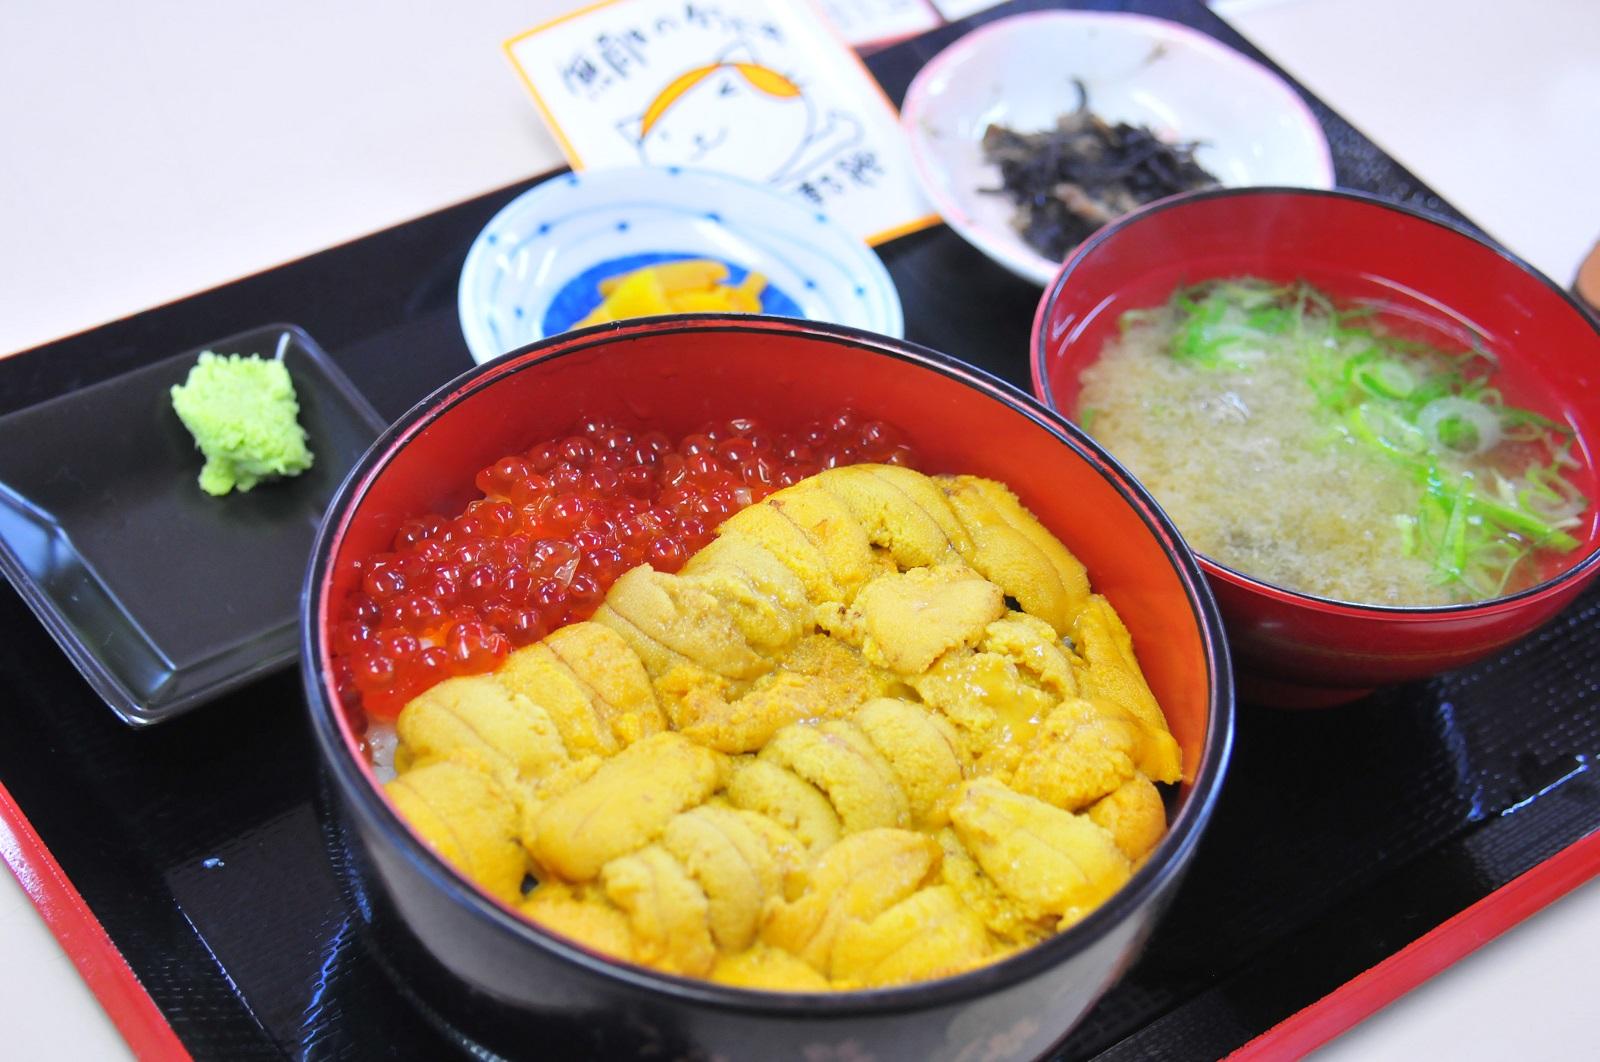 ウニだけウニ丼(ご飯少なめver.)